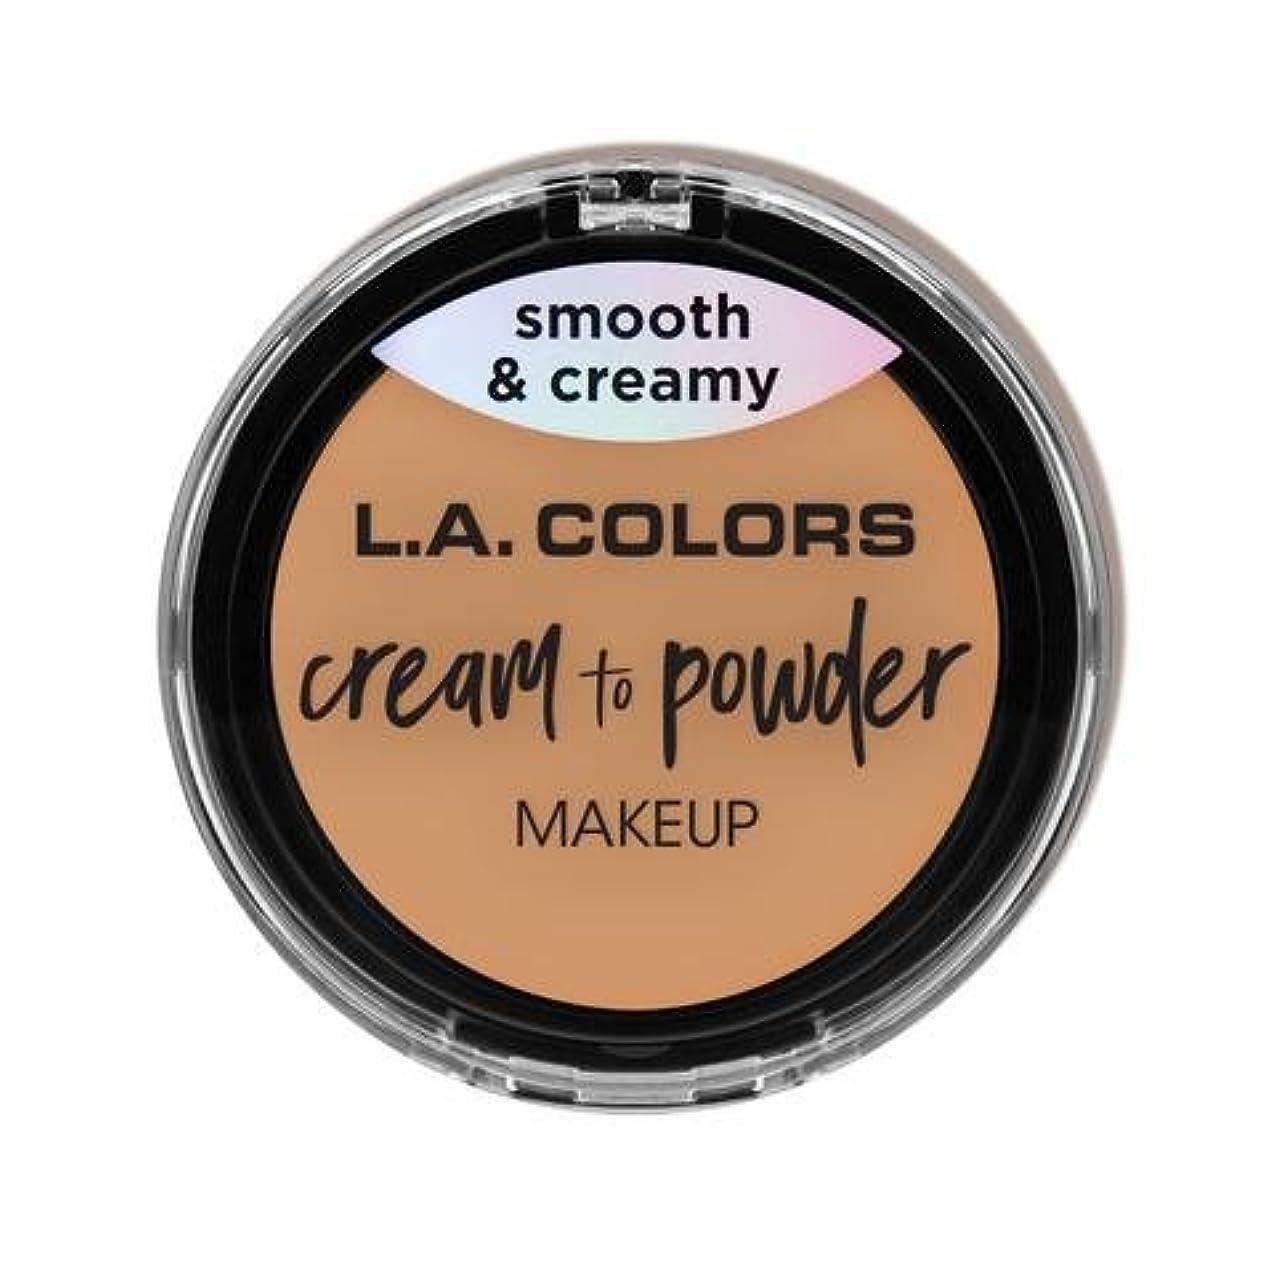 埋め込む悪因子論争の的(3 Pack) L.A. COLORS Cream To Powder Foundation - Honey Beige (並行輸入品)